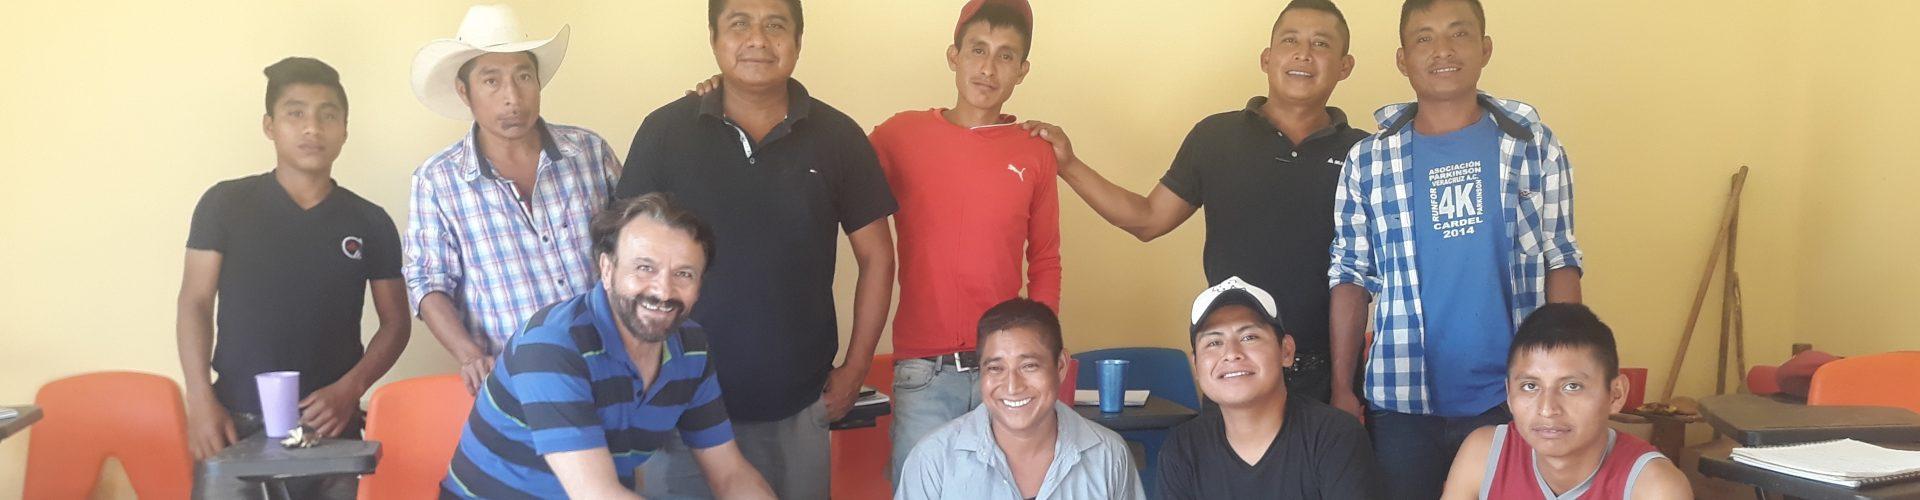 ¿Cómo aprendimos a ser hombres?; Taller impartido por Rosario y Canuto